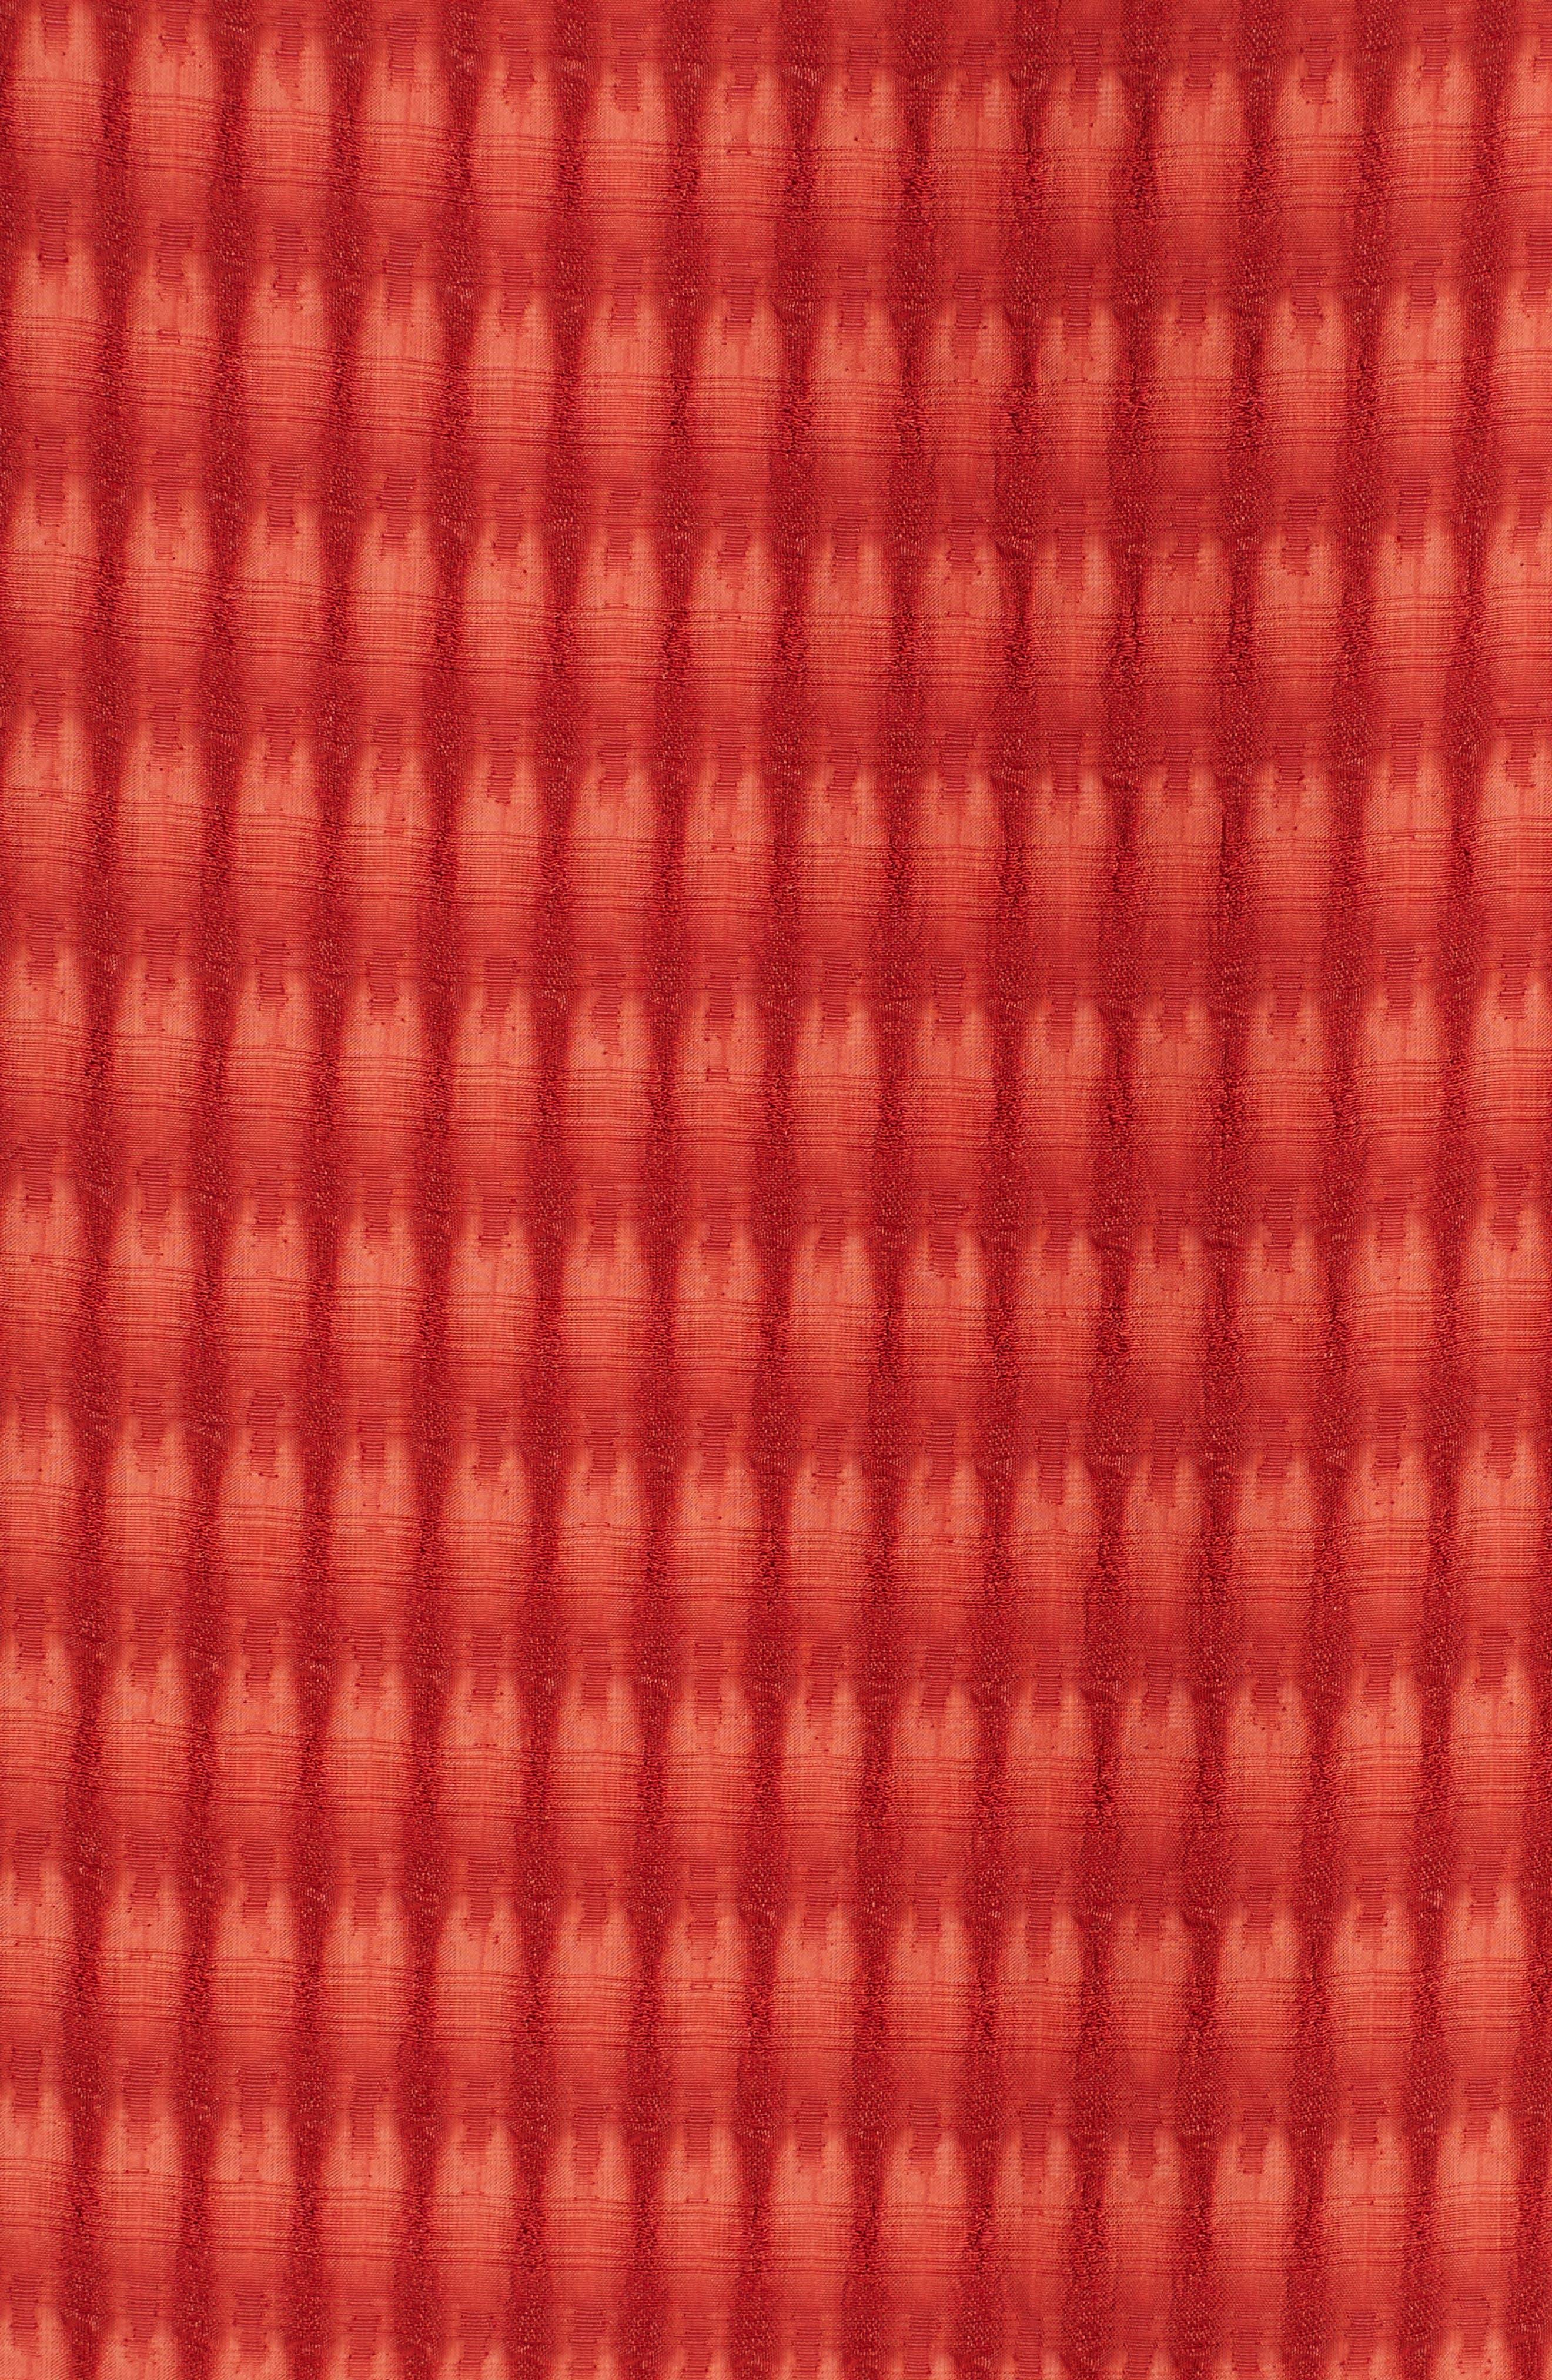 Vero Batik Plaid Top,                             Alternate thumbnail 3, color,                             Saffron Red